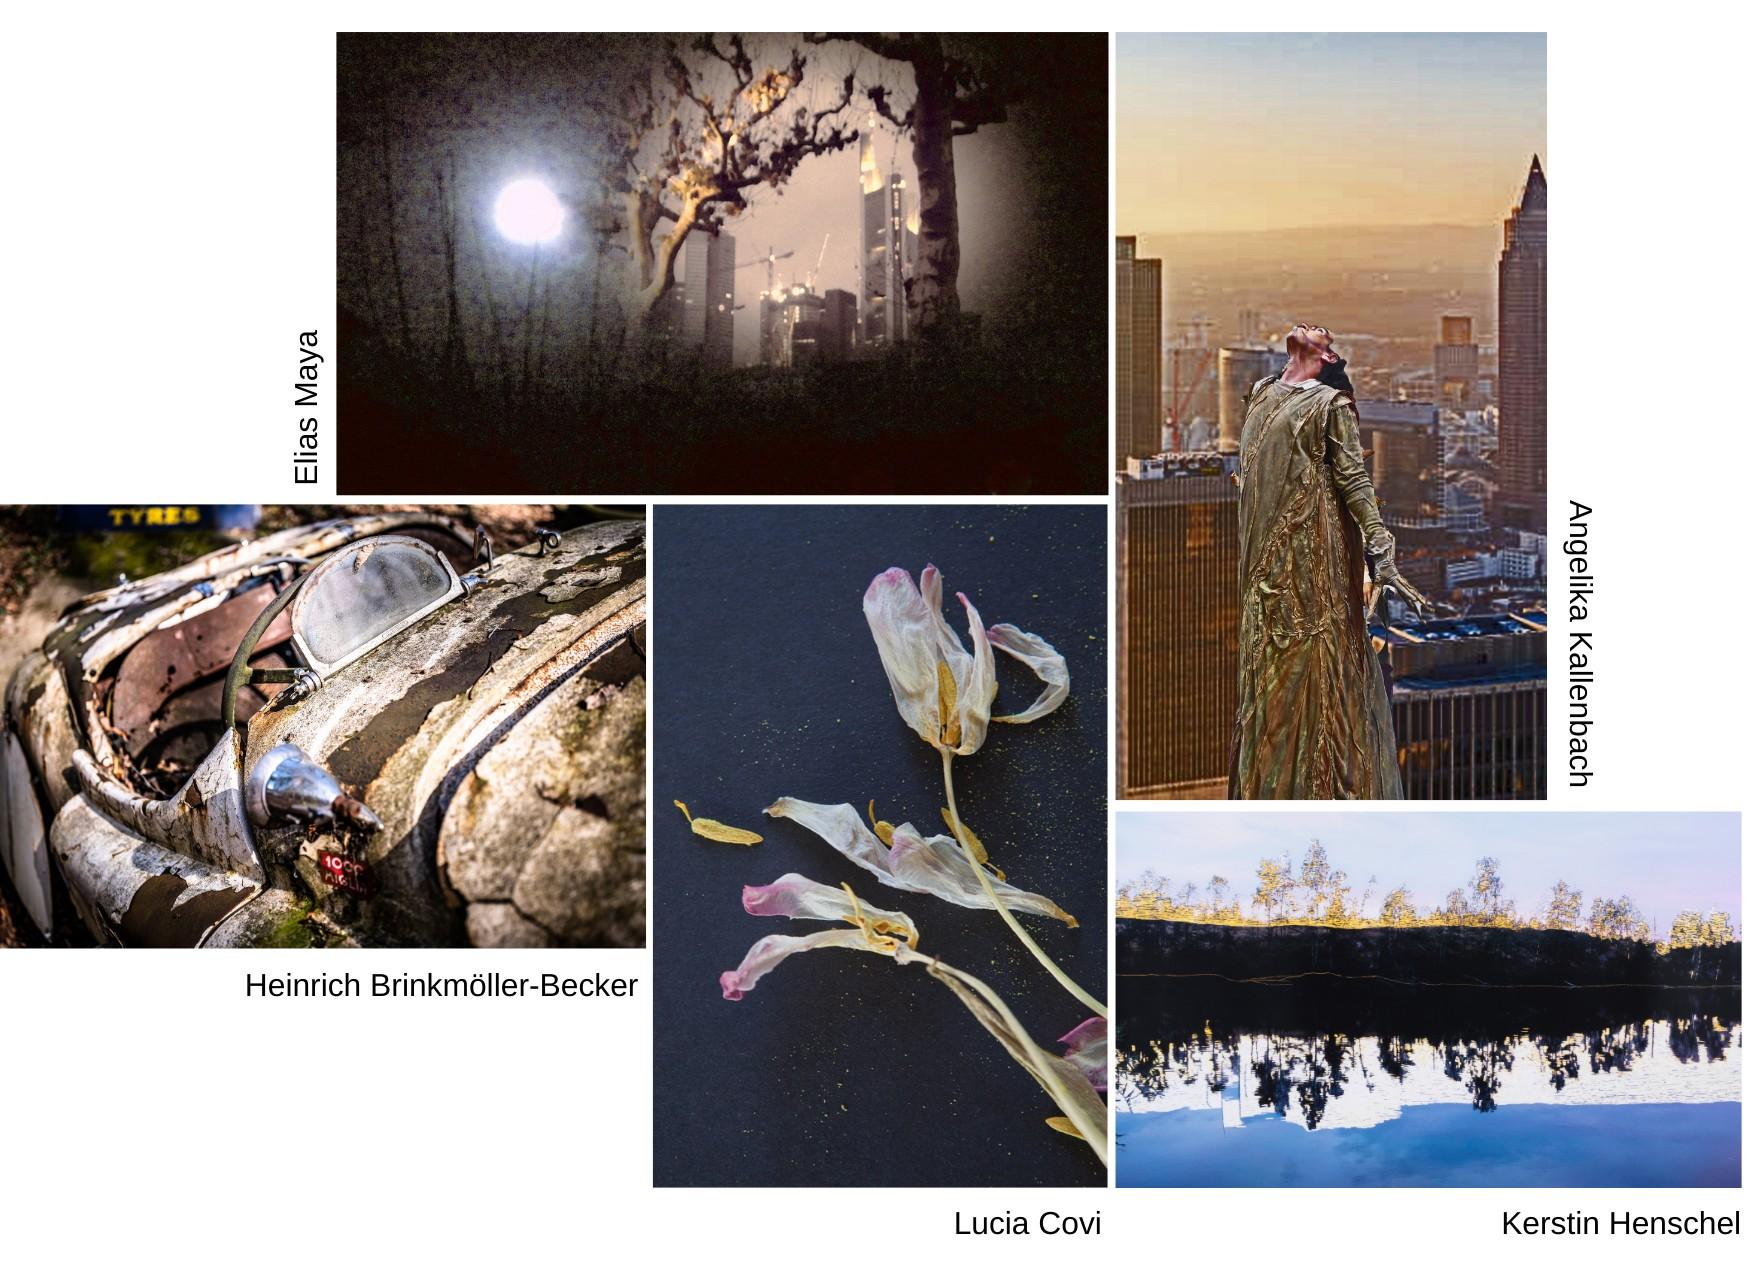 Nuove Visioni Copia 1 - Milano Photofestival